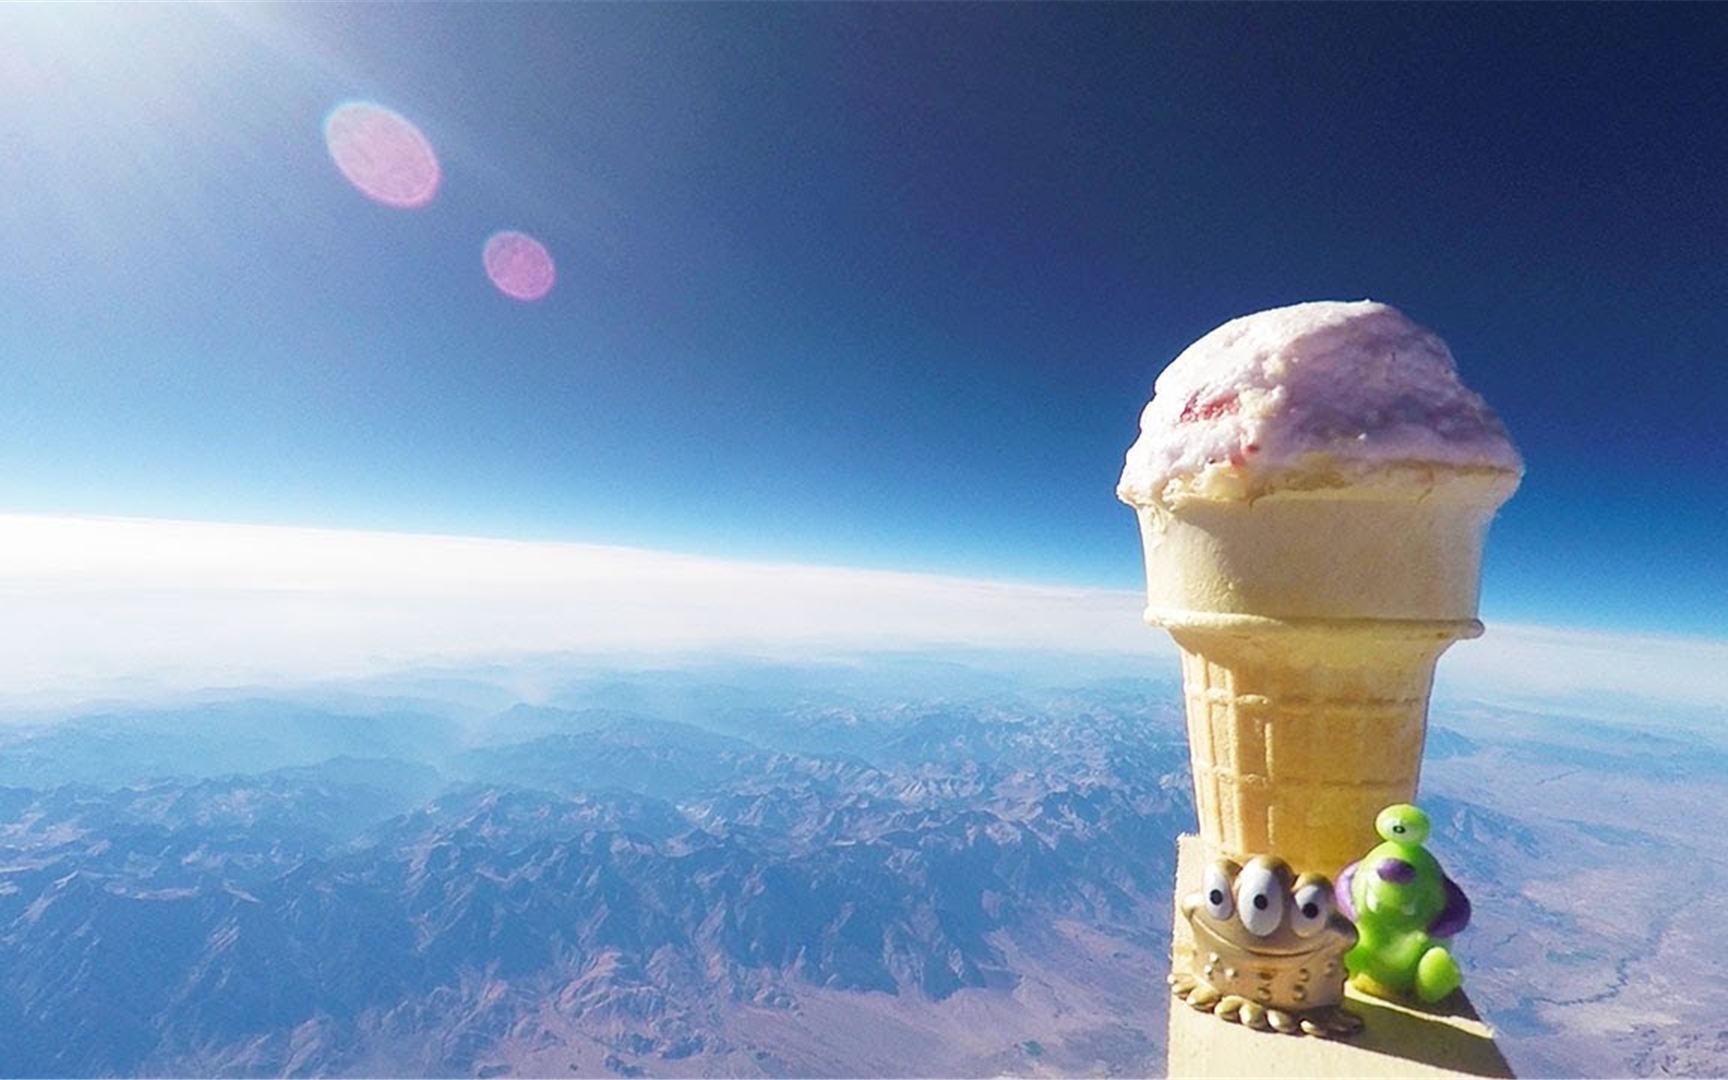 冰激凌在太空中会融化吗?外国牛人亲测,全程高能!